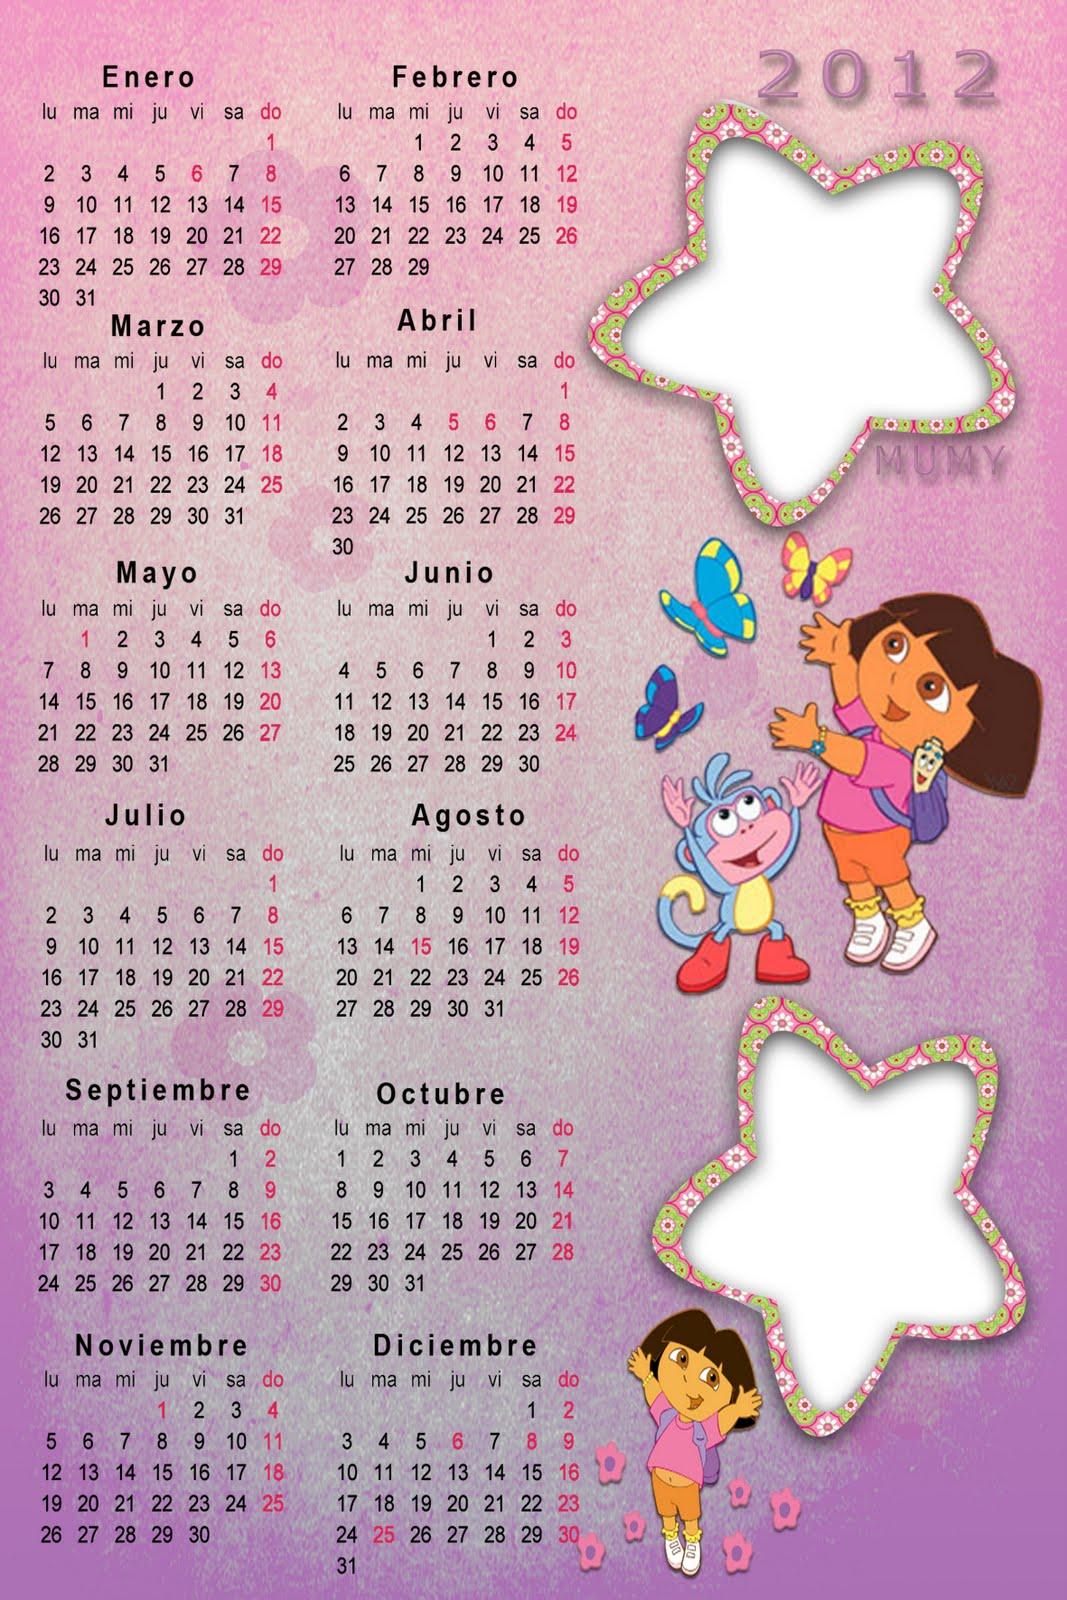 calendario 2012 dora